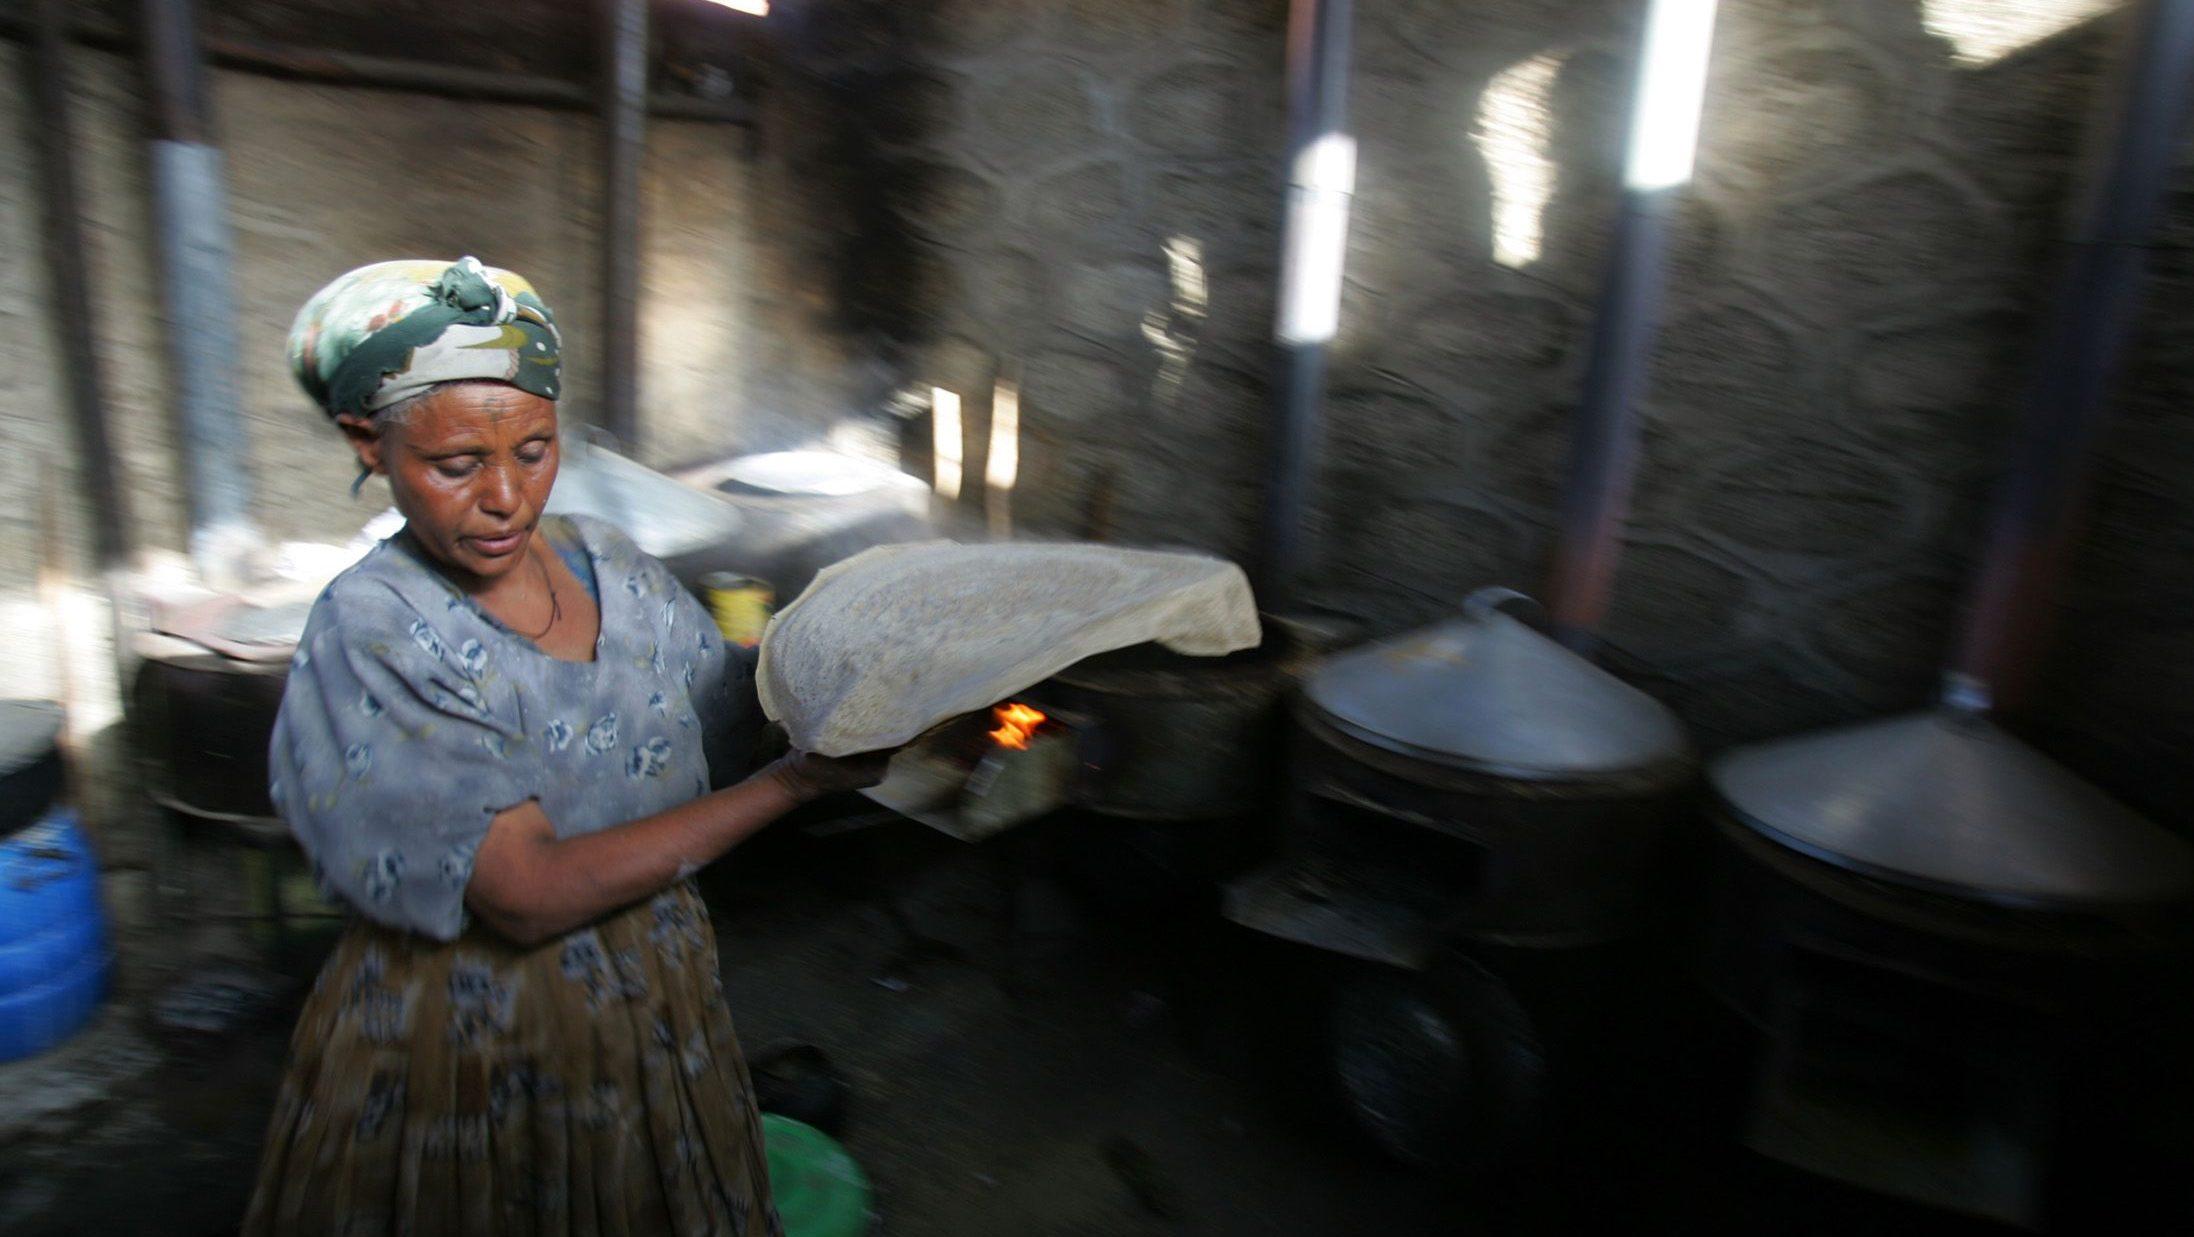 Ethiopia teff flour patent not Dutch invention, court rules — Quartz